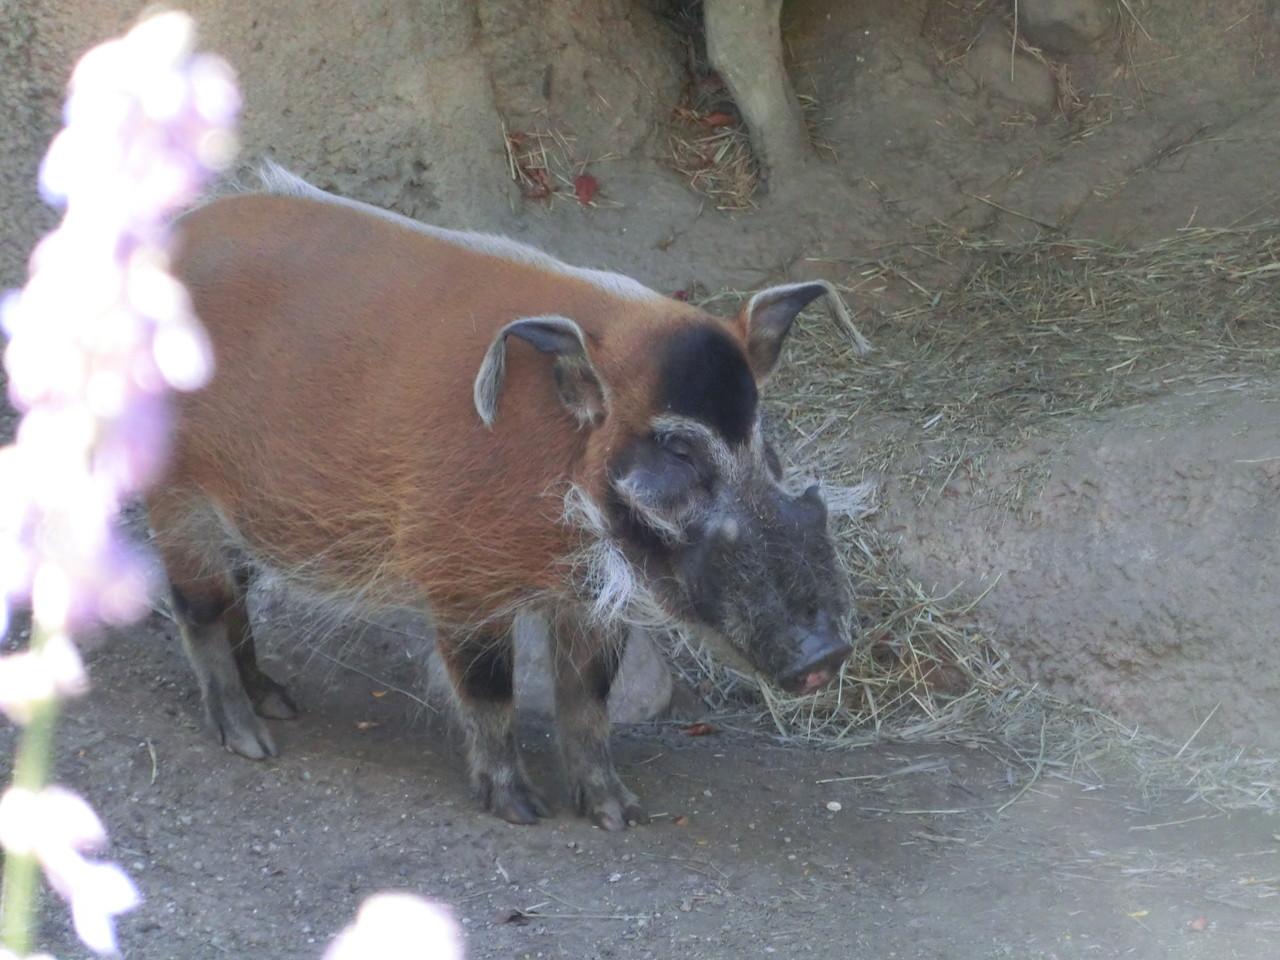 Warzenschein - Lincoln Park Zoo - Chicago